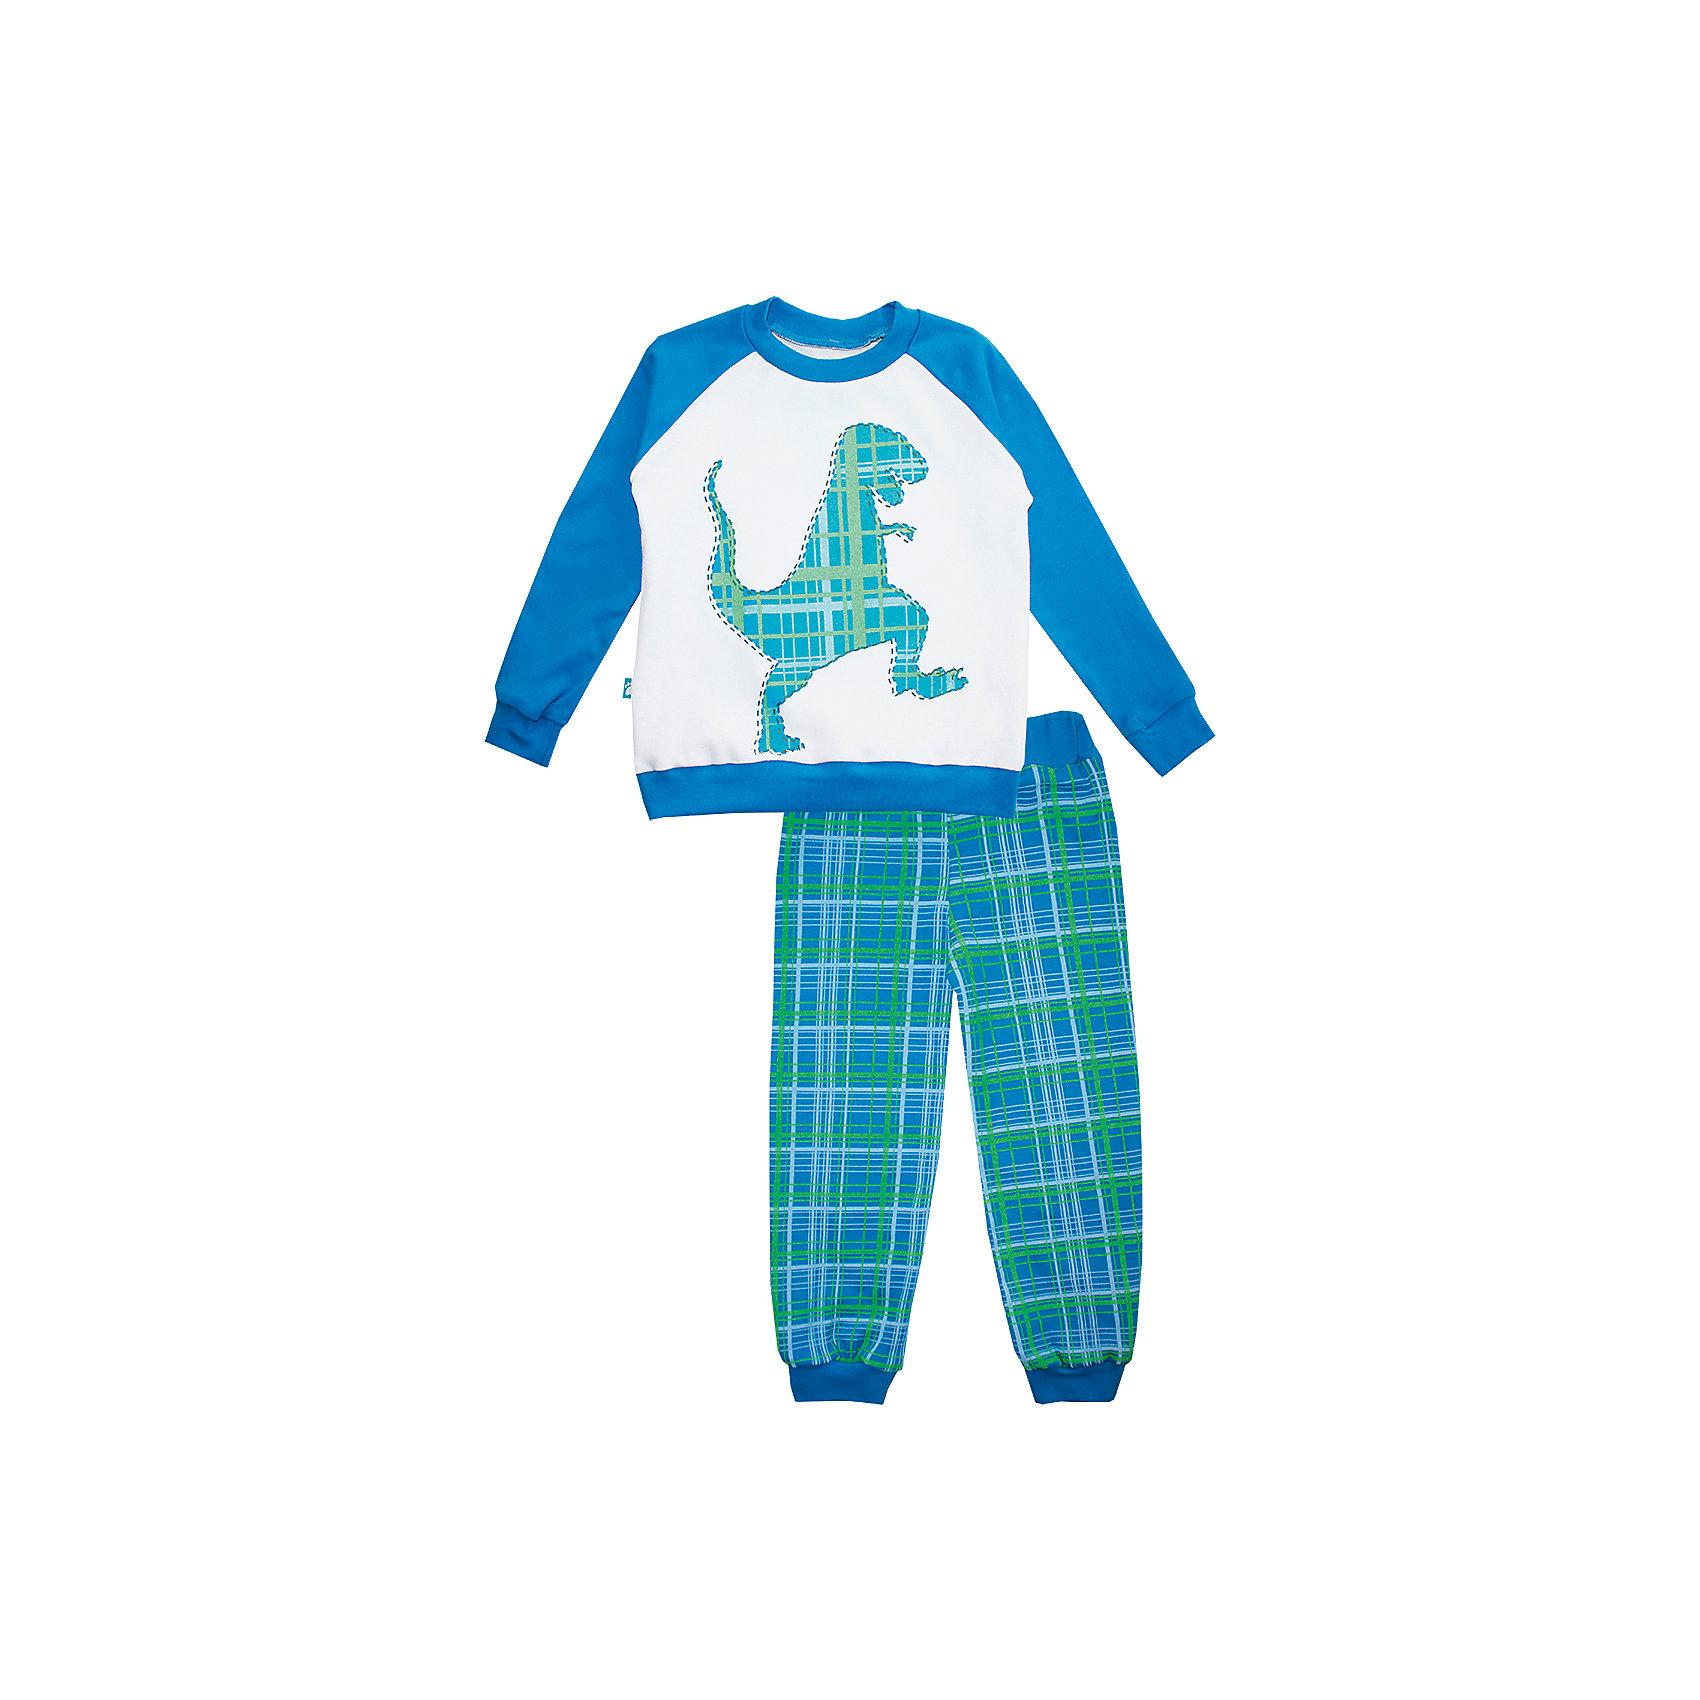 Пижама для мальчика KotMarKotПижамы и сорочки<br>Пижама для мальчика от известного бренда KotMarKot.<br>Состав:<br>100% хлопок<br><br>Ширина мм: 281<br>Глубина мм: 70<br>Высота мм: 188<br>Вес г: 295<br>Цвет: разноцветный<br>Возраст от месяцев: 18<br>Возраст до месяцев: 24<br>Пол: Мужской<br>Возраст: Детский<br>Размер: 92,134,98,104,110,116,122,128<br>SKU: 5069386